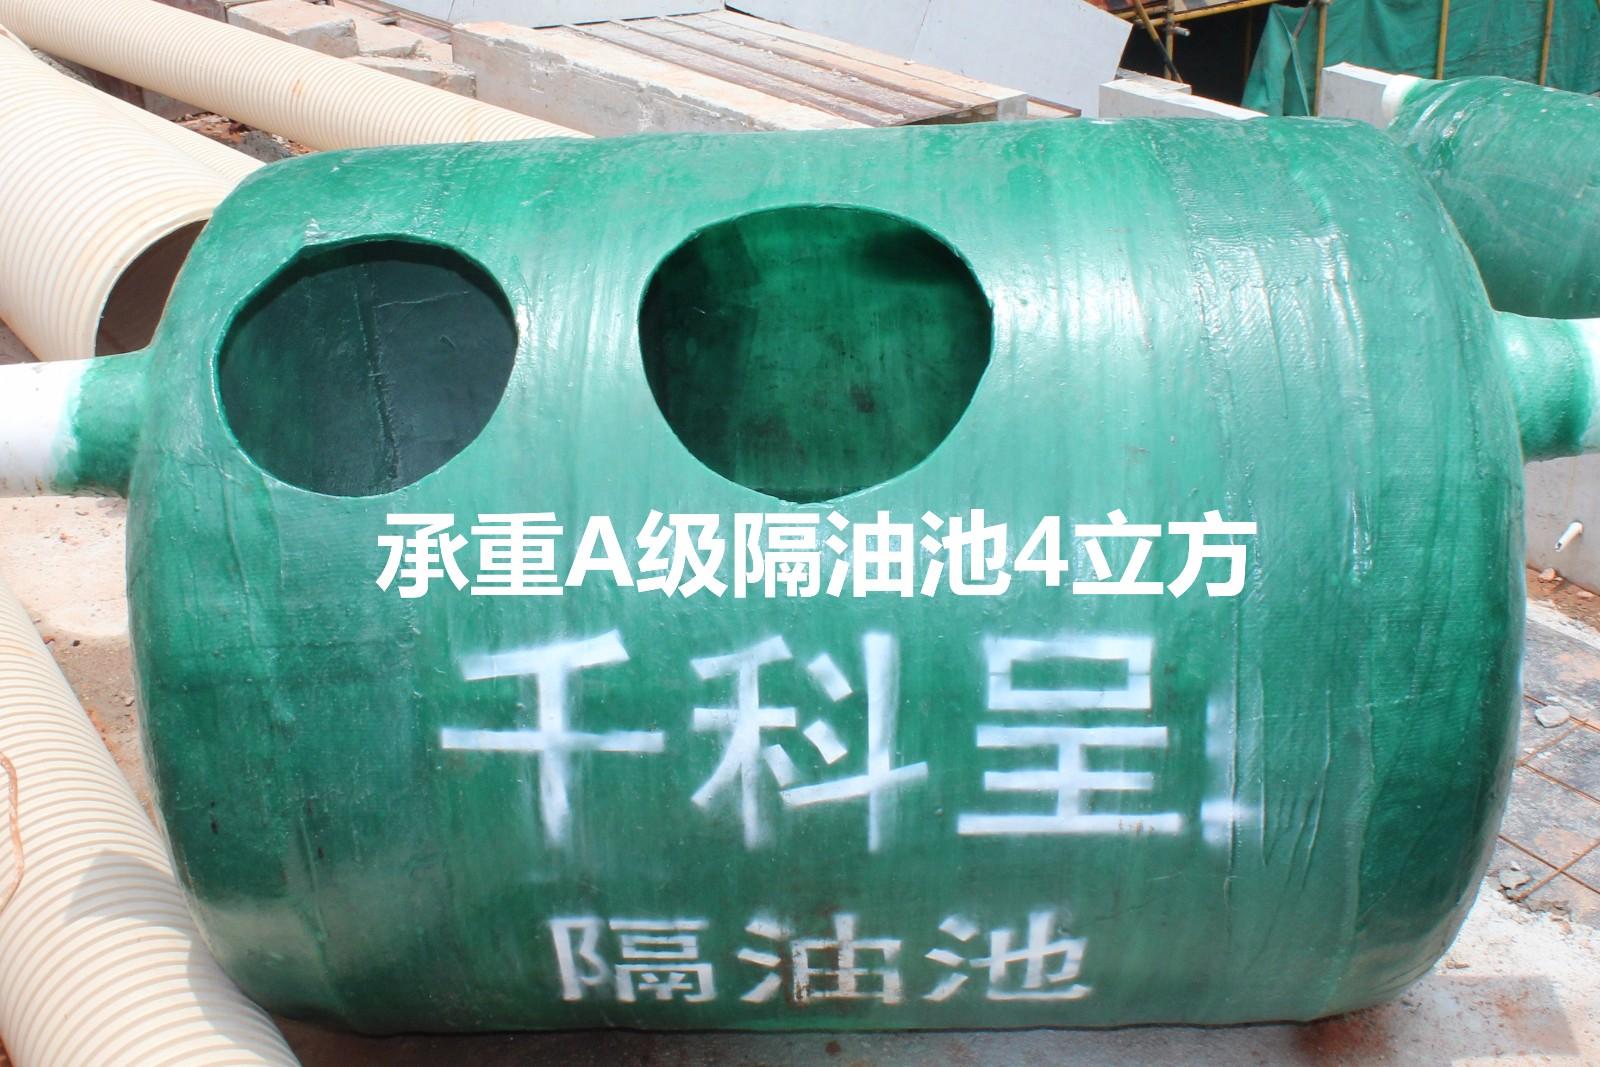 我们推荐深圳玻璃钢隔油池生产厂家_玻璃钢隔油池电话相关-广州千科呈环保科技有限公司